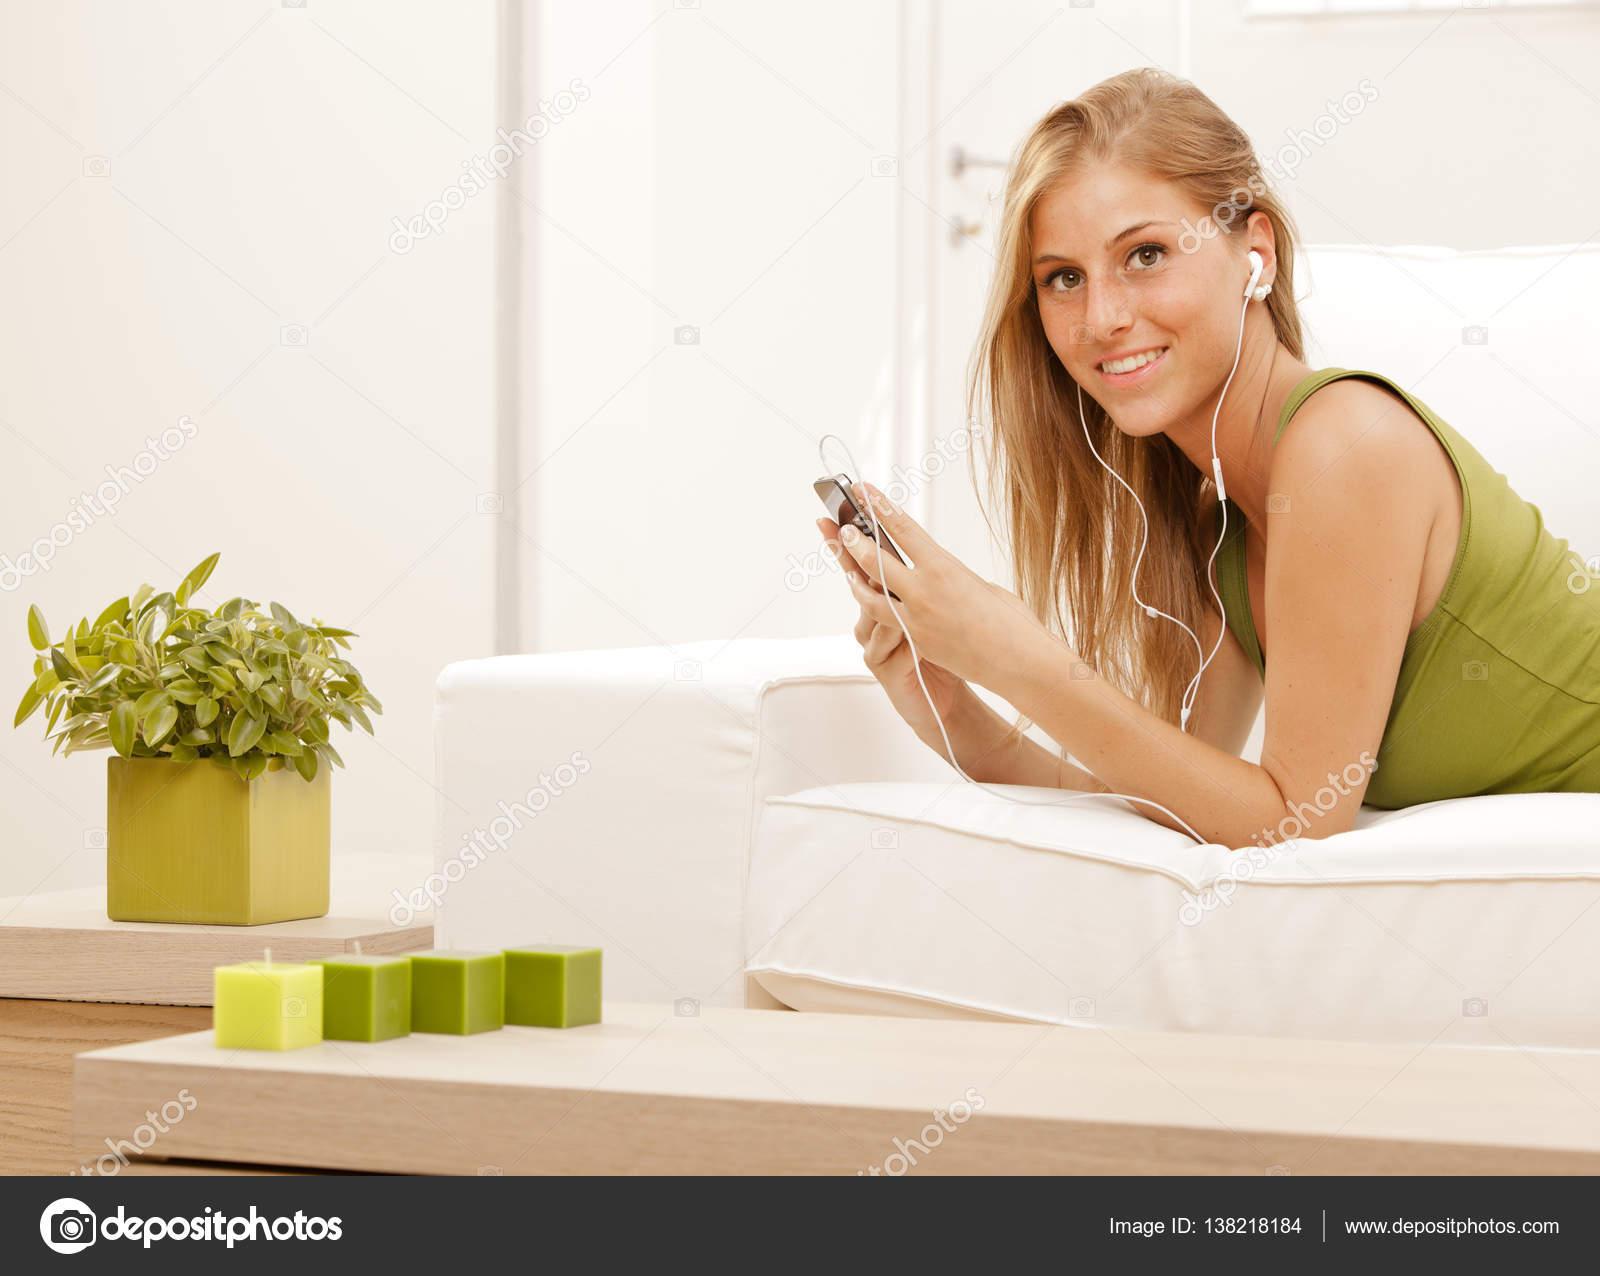 Девушка блондинка на диване фото 199-989